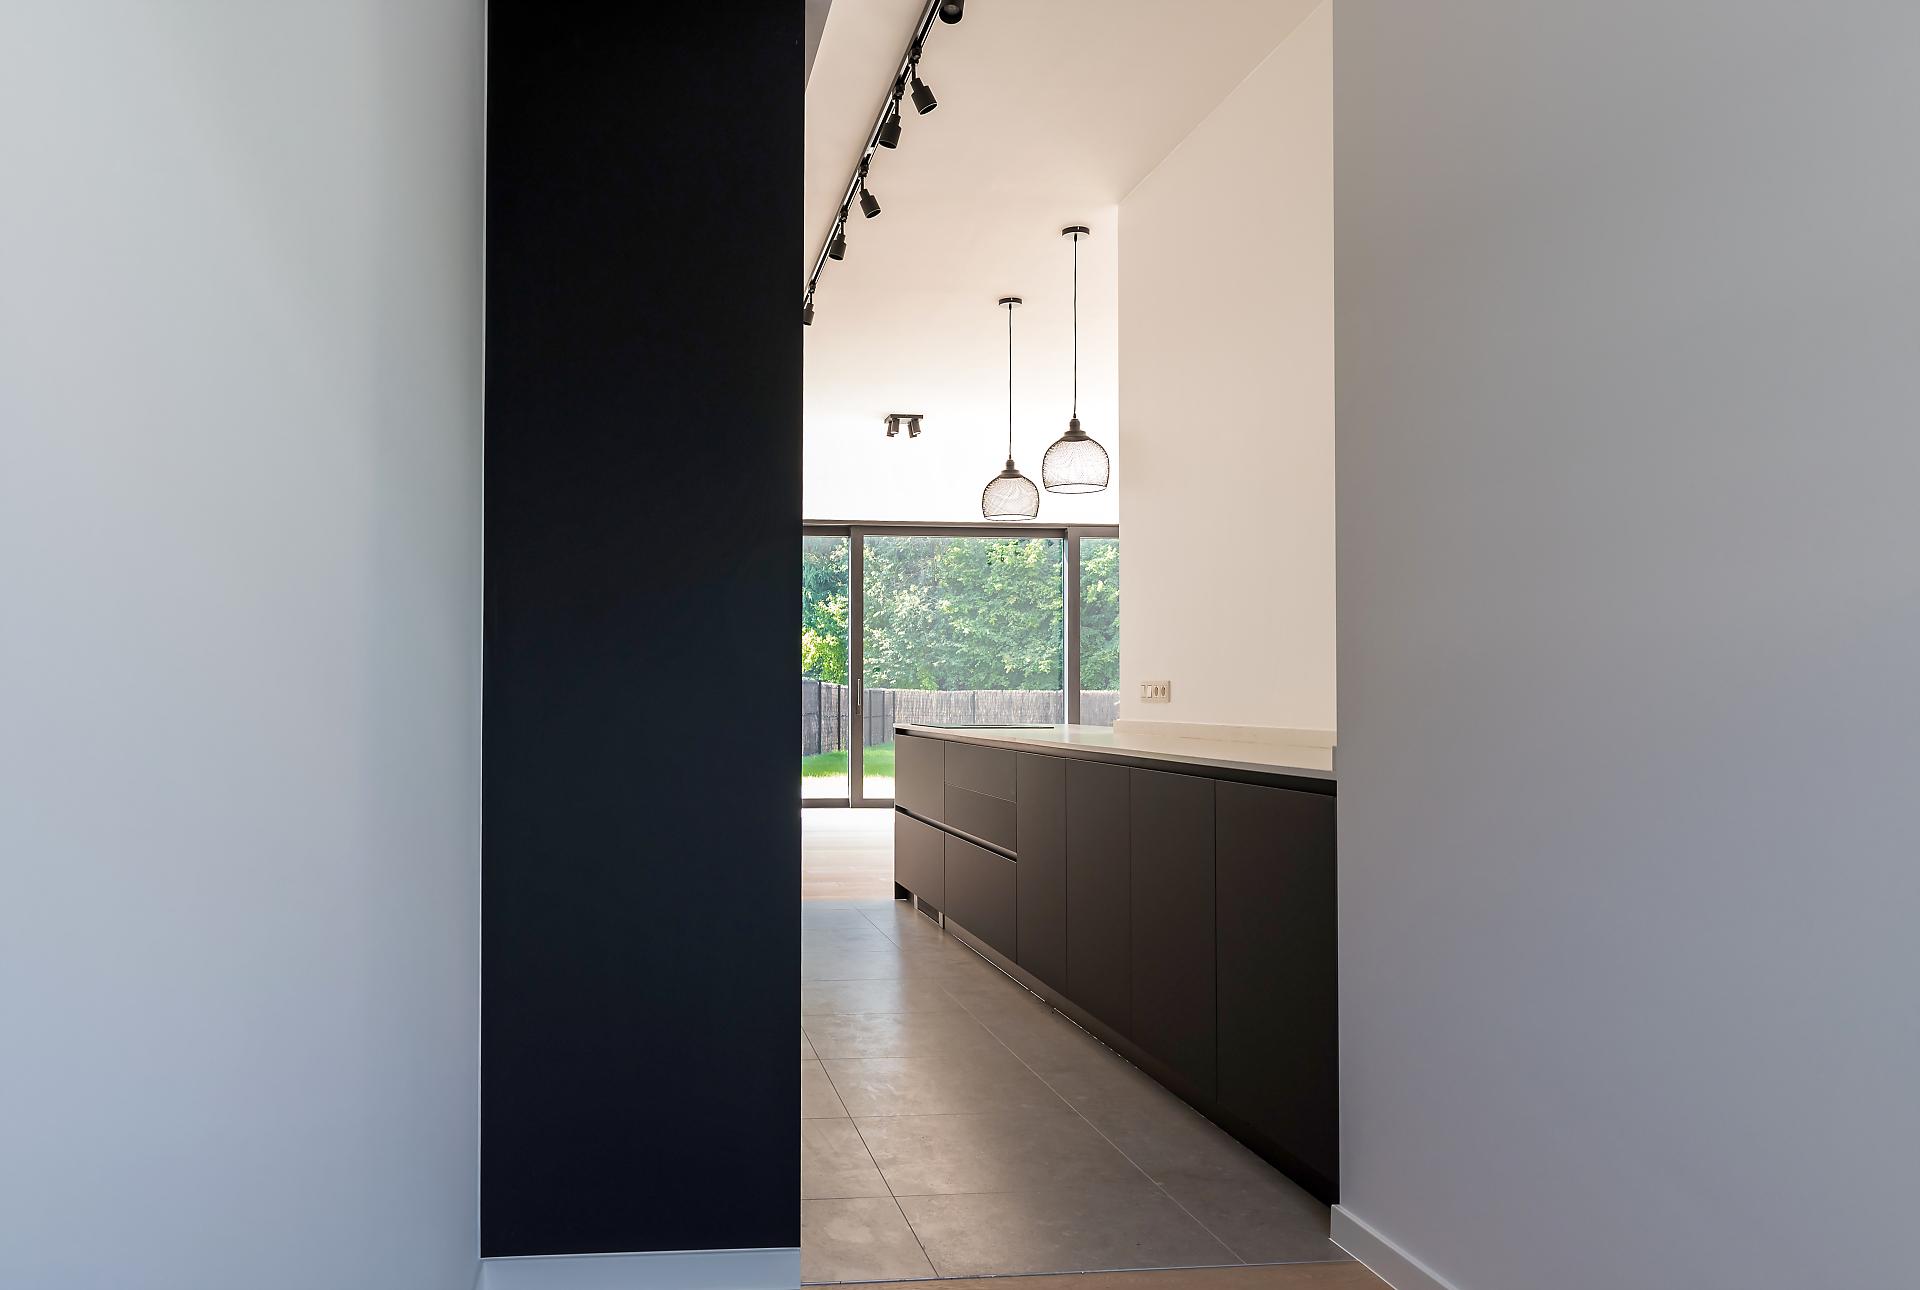 Cuisine moderne sans poignée noir mat | Raison Home Belgium - 4